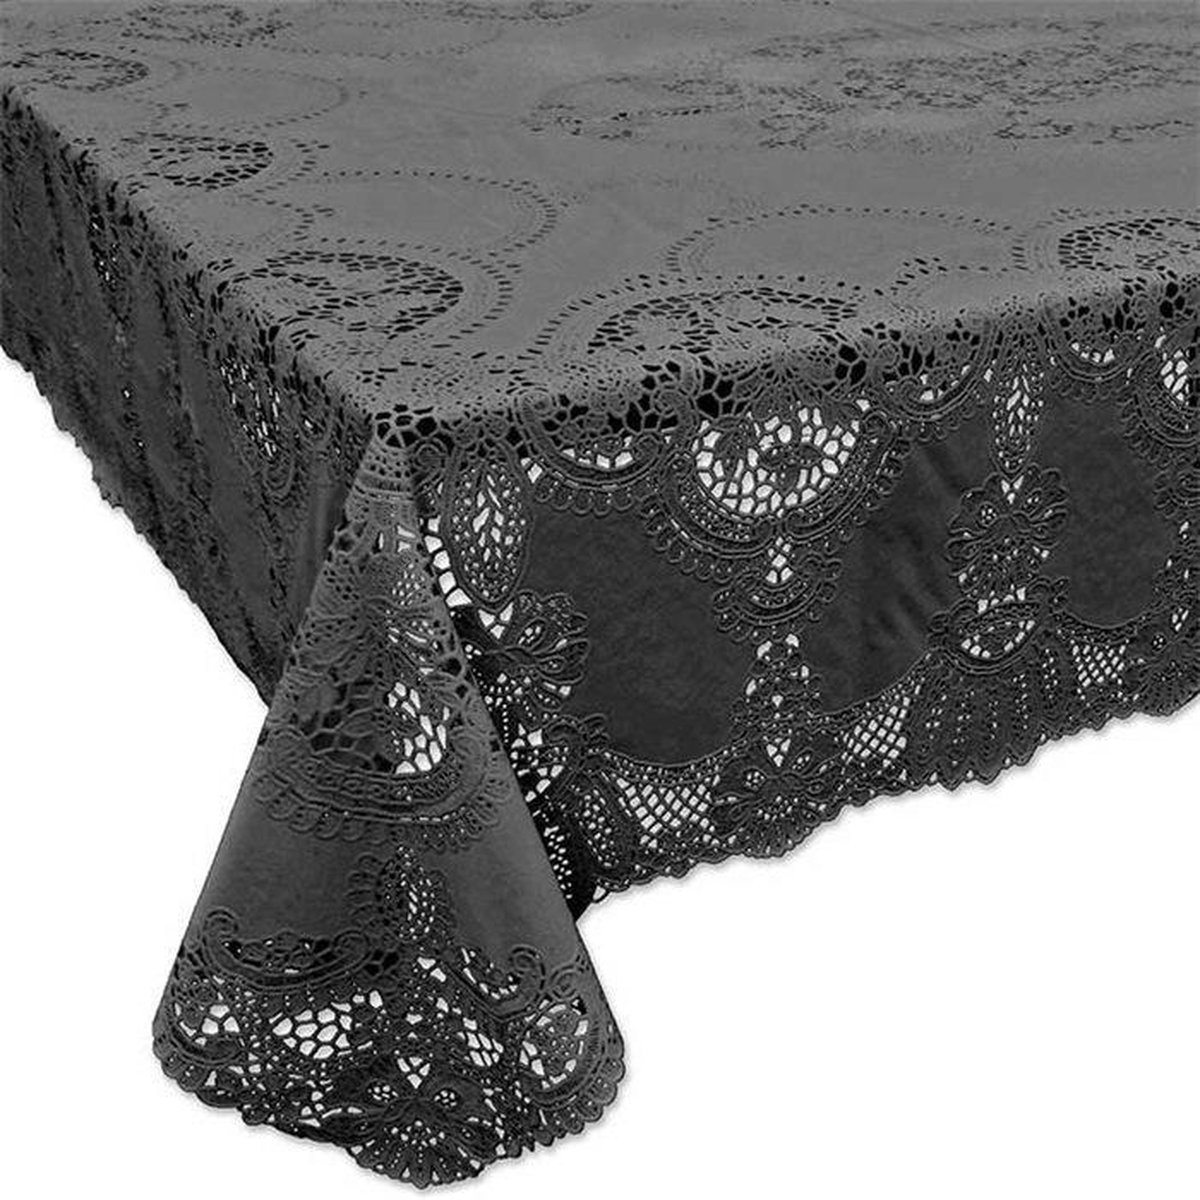 Terraskleden/Tafelkleden - Vinyl Lace 504 Dark Grey 135 x 180 cm